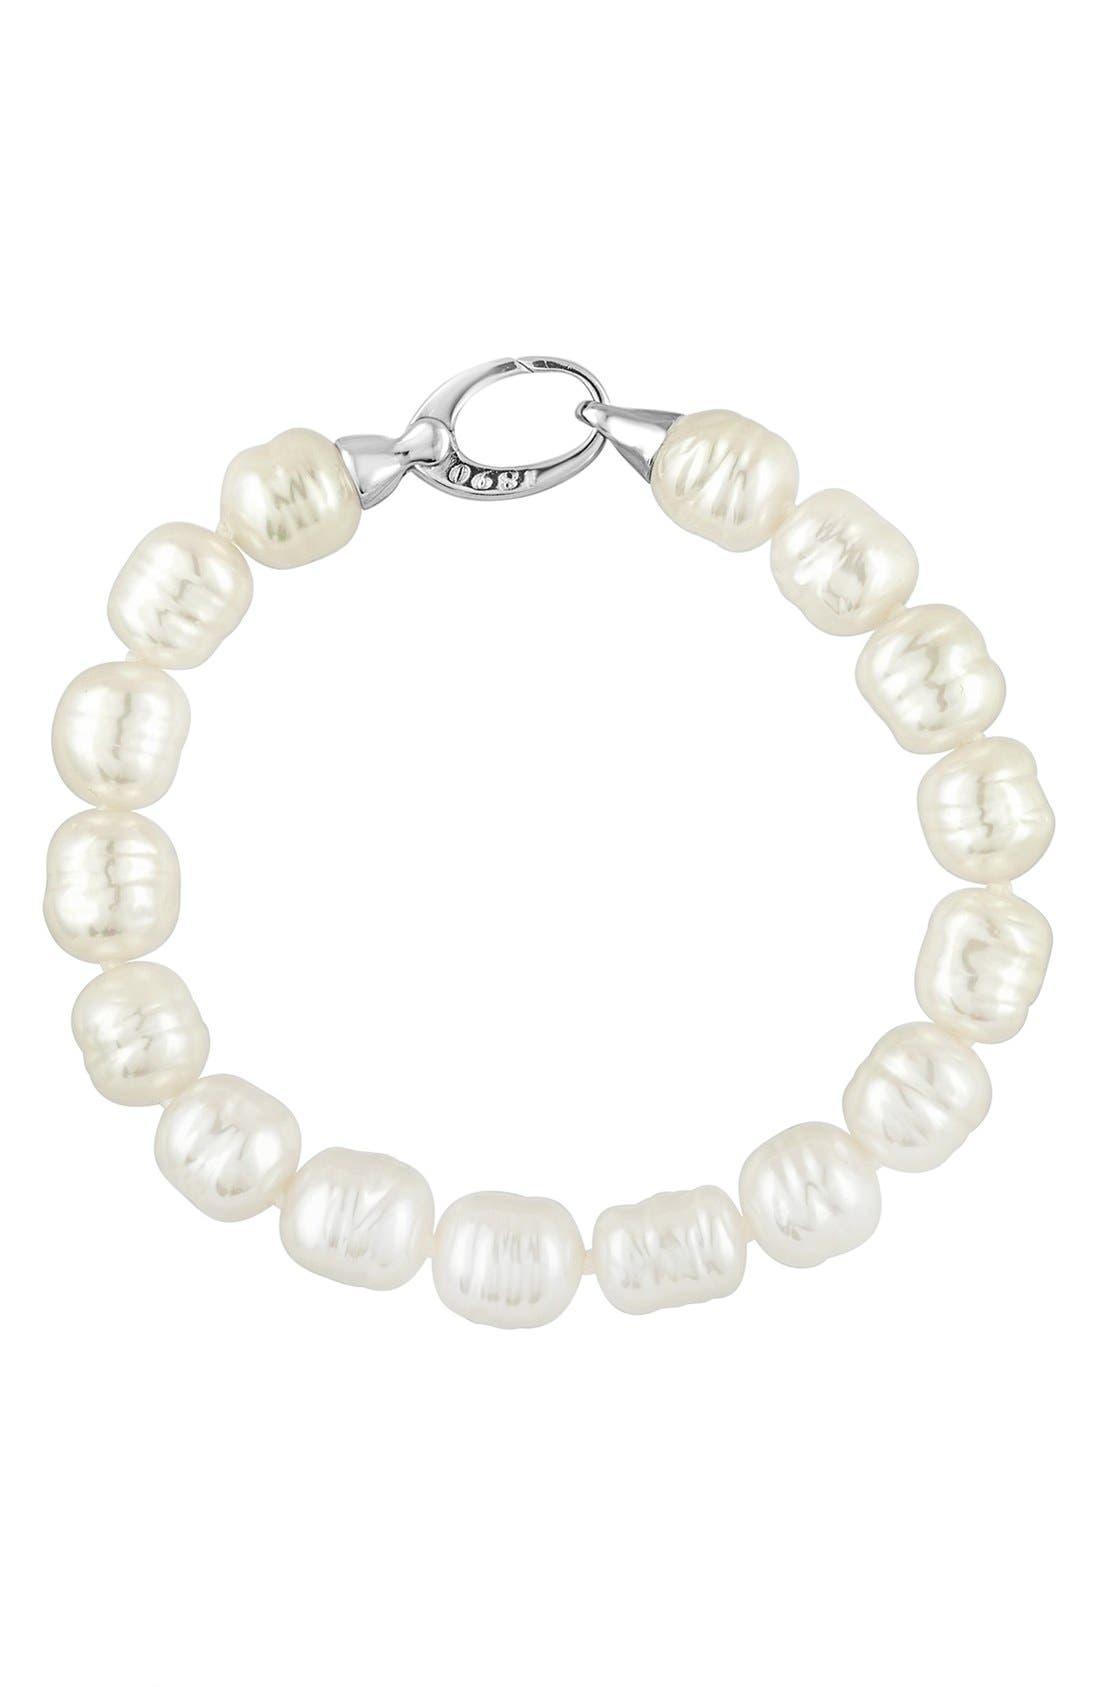 Main Image - Majorica Baroque Pearl Strand Bracelet